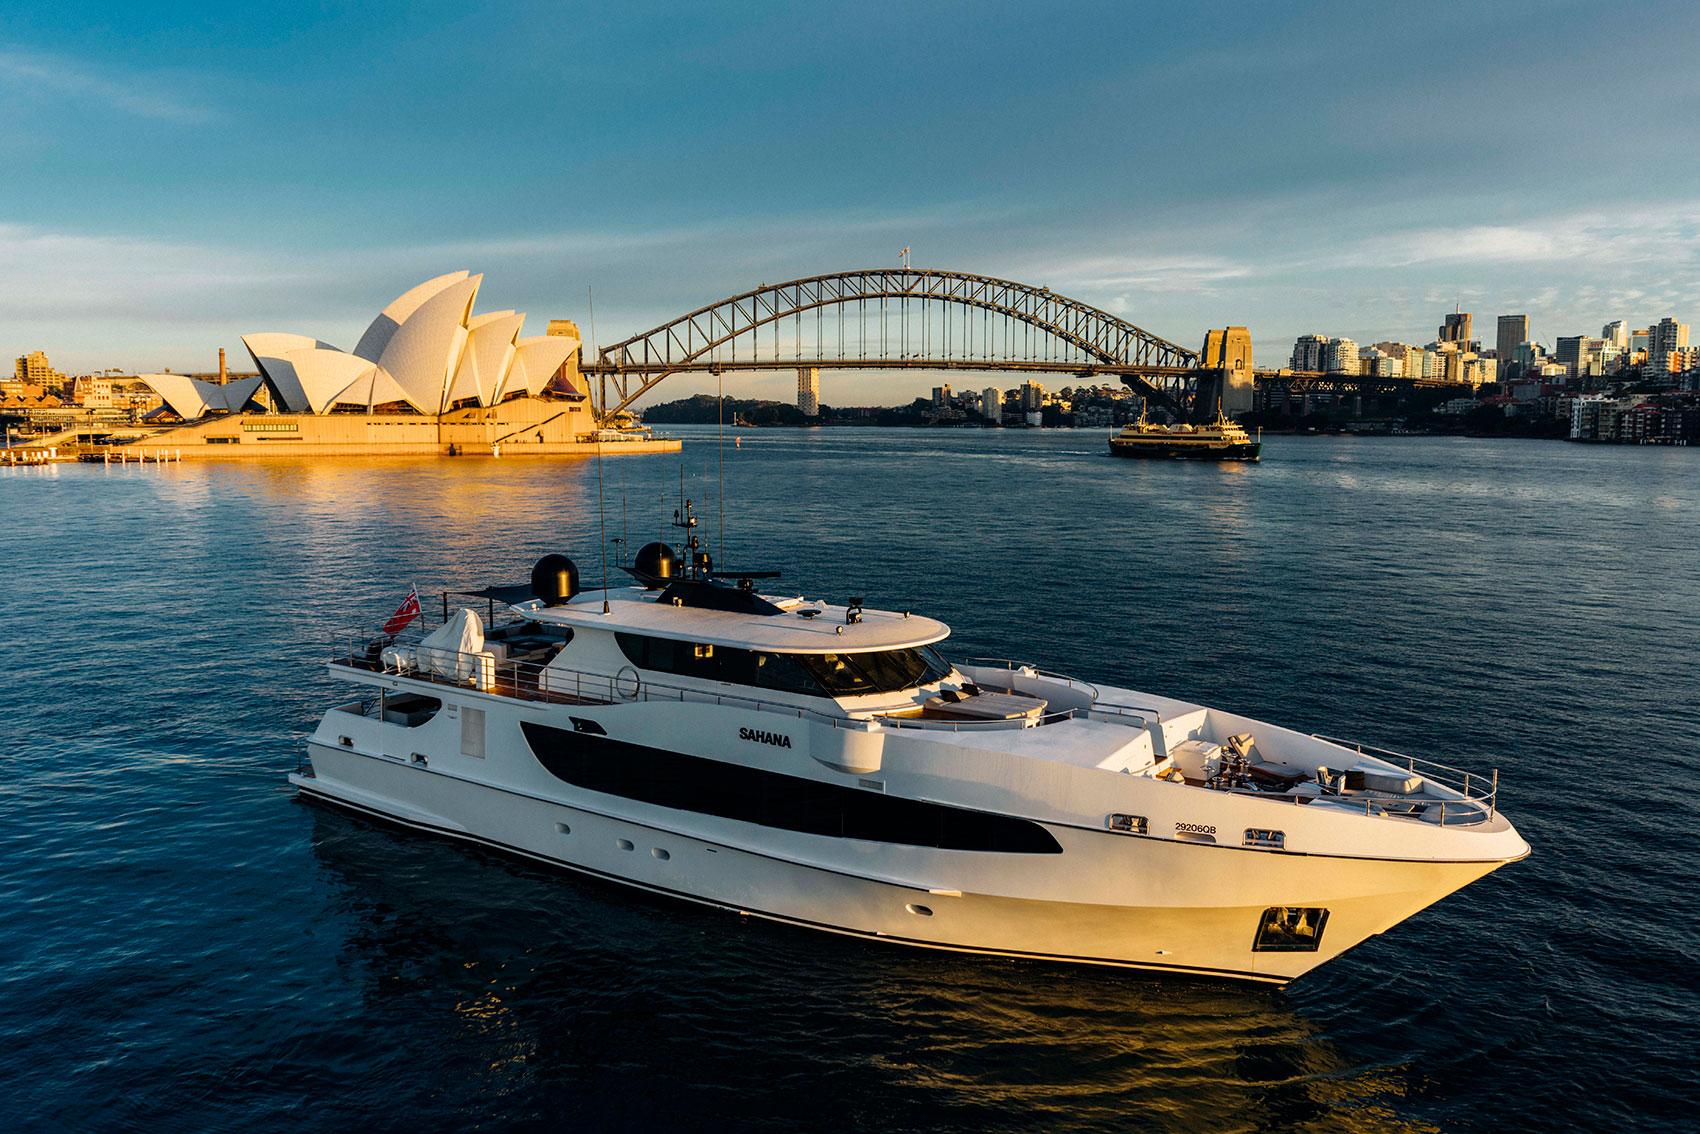 Sahaha charter Fraser Yachts Australia